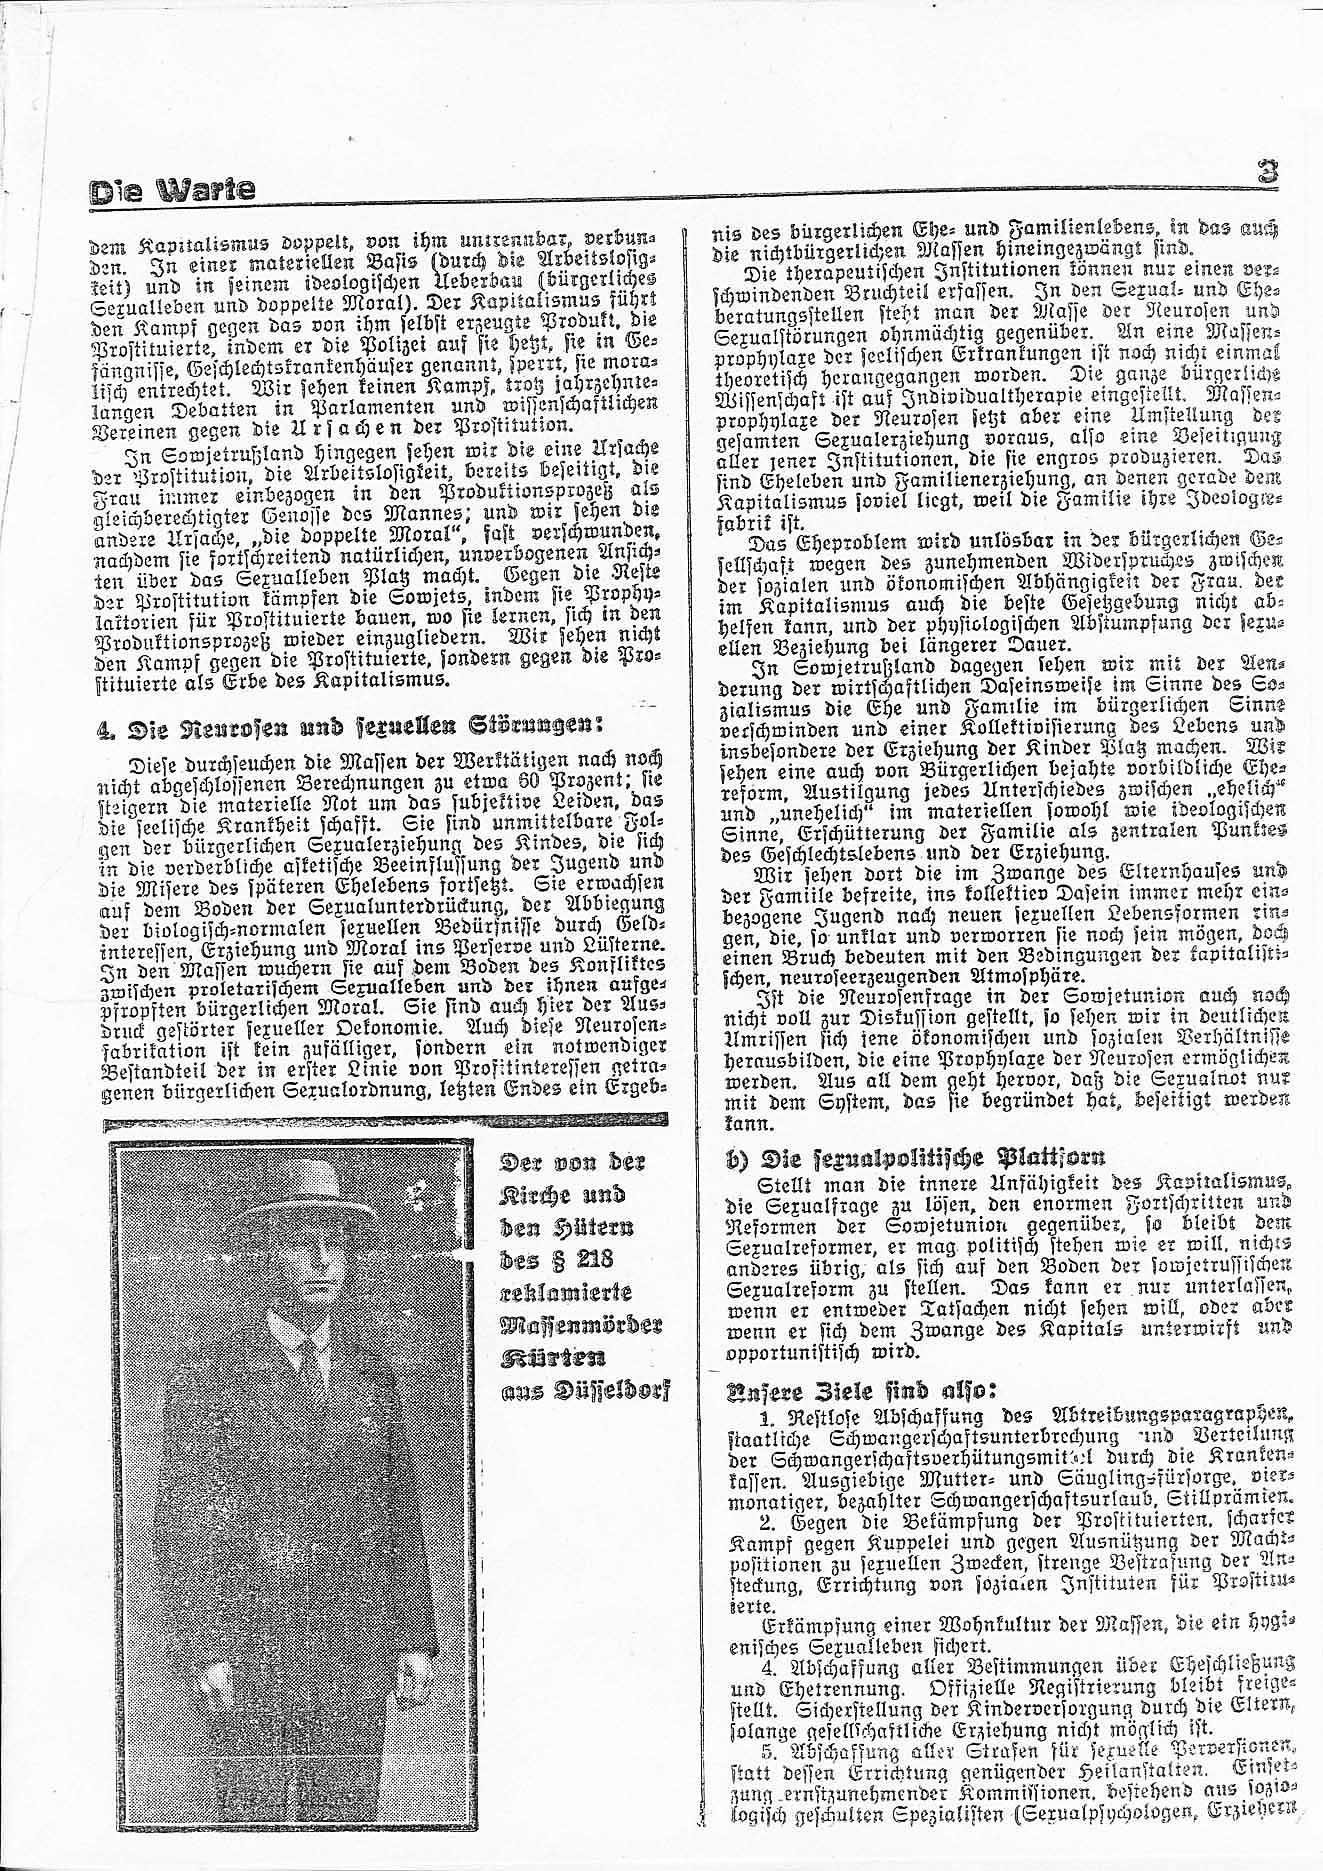 warte 3-4 1931 (2)